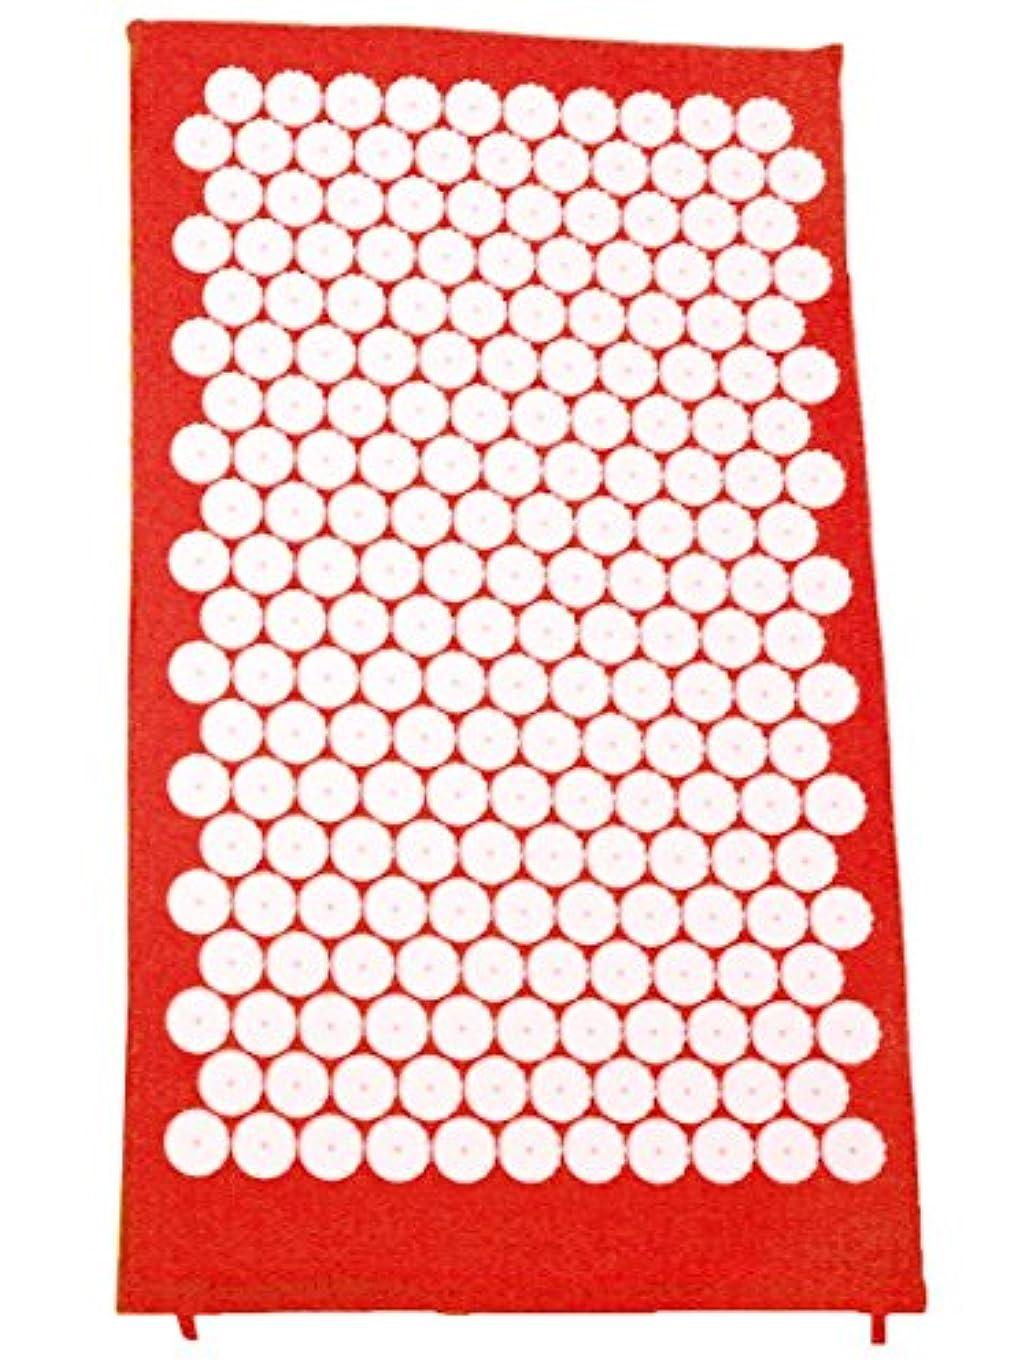 主婦ハドル植物学者ピュアフィット(purefit) スパイスマット PF410 (オレンジ:PF410Or)